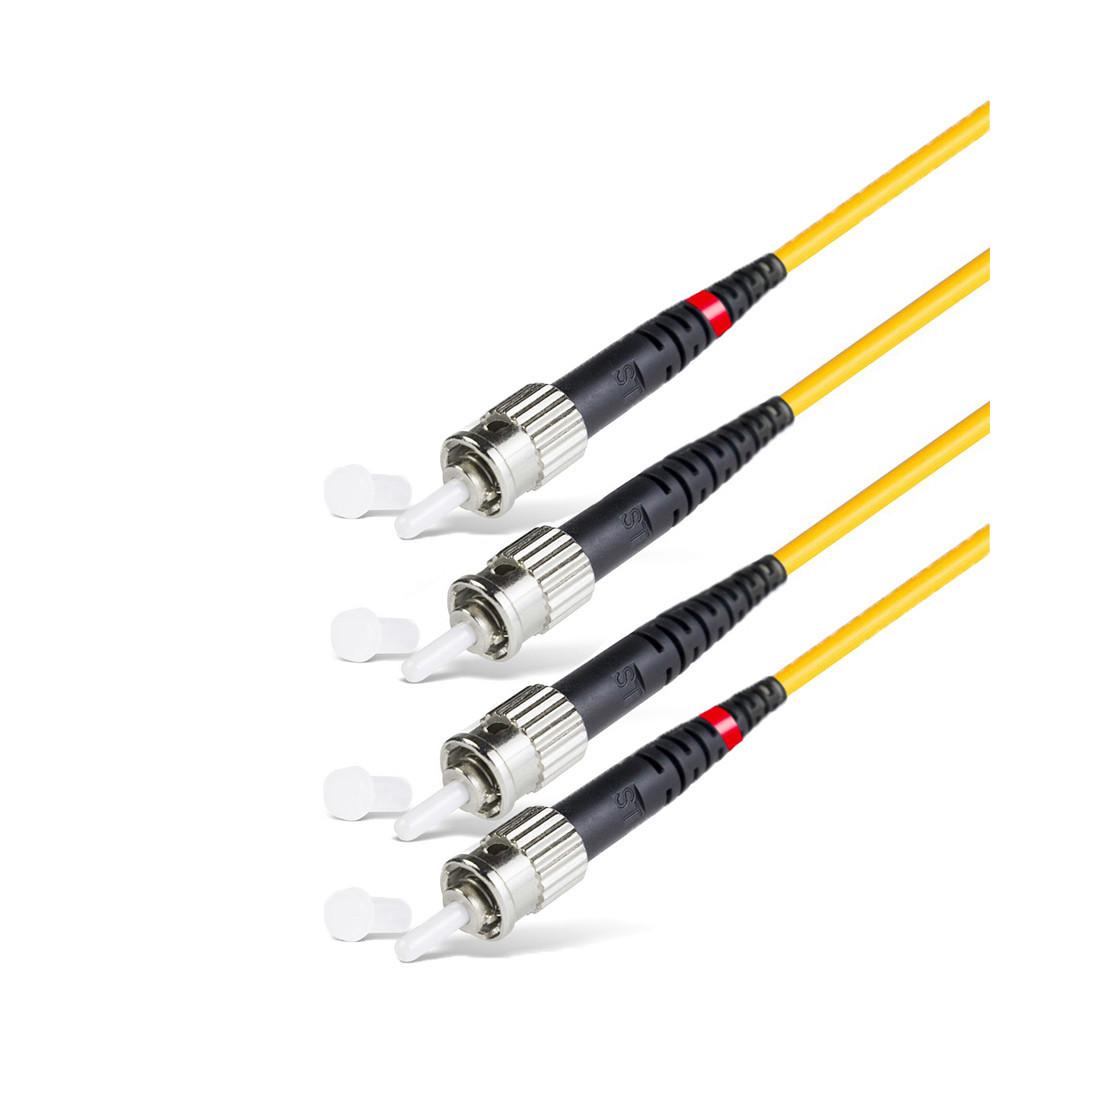 Патч Корд Оптоволоконный 2ST/UPC-2ST/UPC SM 9/125 Duplex 3.0мм 0.5 м